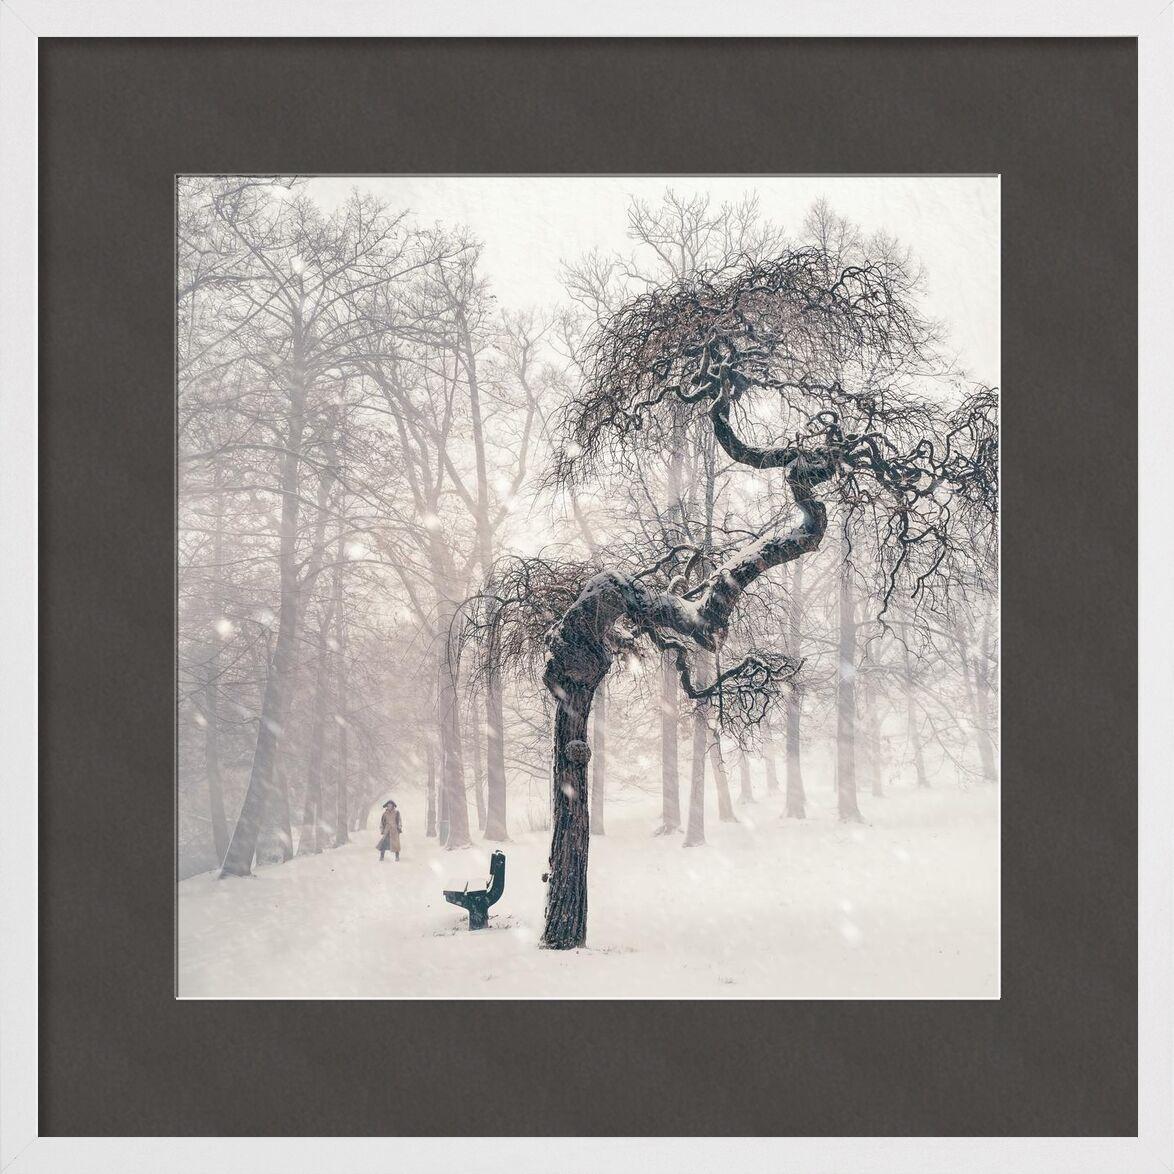 Résistance de Aliss ART, Prodi Art, les bois, tempête de neige, sombre, branches, banc, hiver, Météo, des arbres, neigeux, neige, la personne, nature, brouillard, paysage, glacé, congelé, glacial, gel, forêt, brumeux, du froid